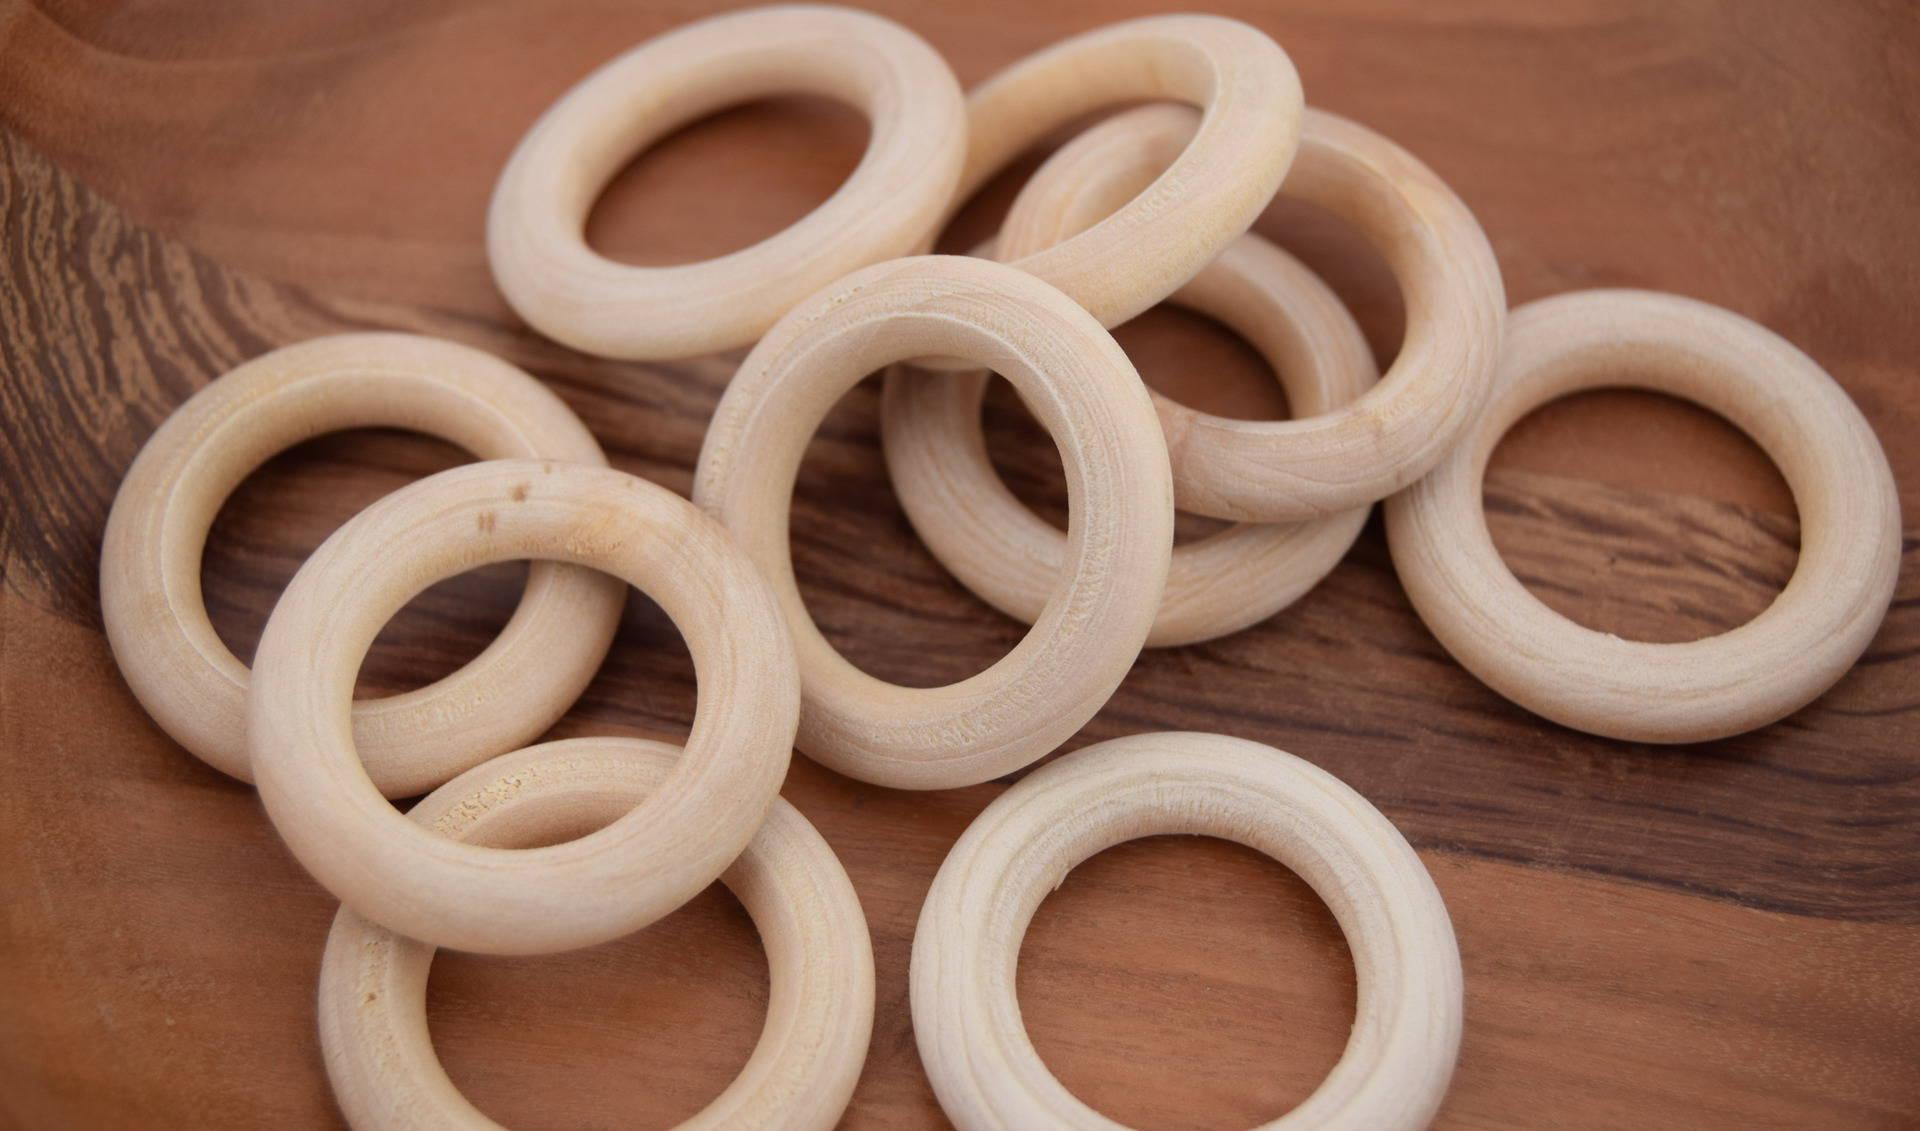 5 anneaux en bois naturel 34mm ref PB201604